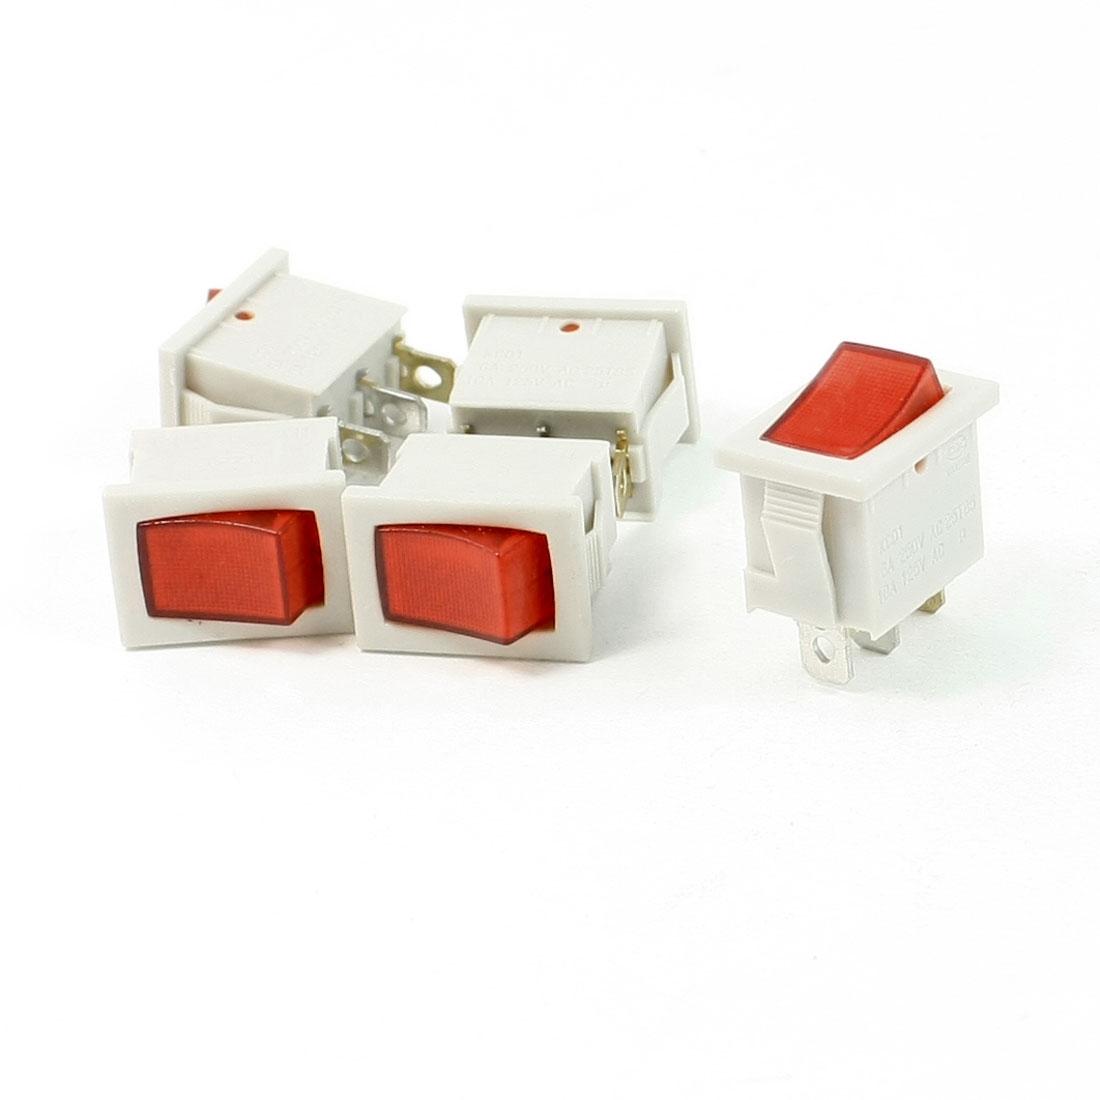 5 Pcs AC 250V/6A 125V/10A 3 Pins SPST Red Light Power Boat Rocker Switch